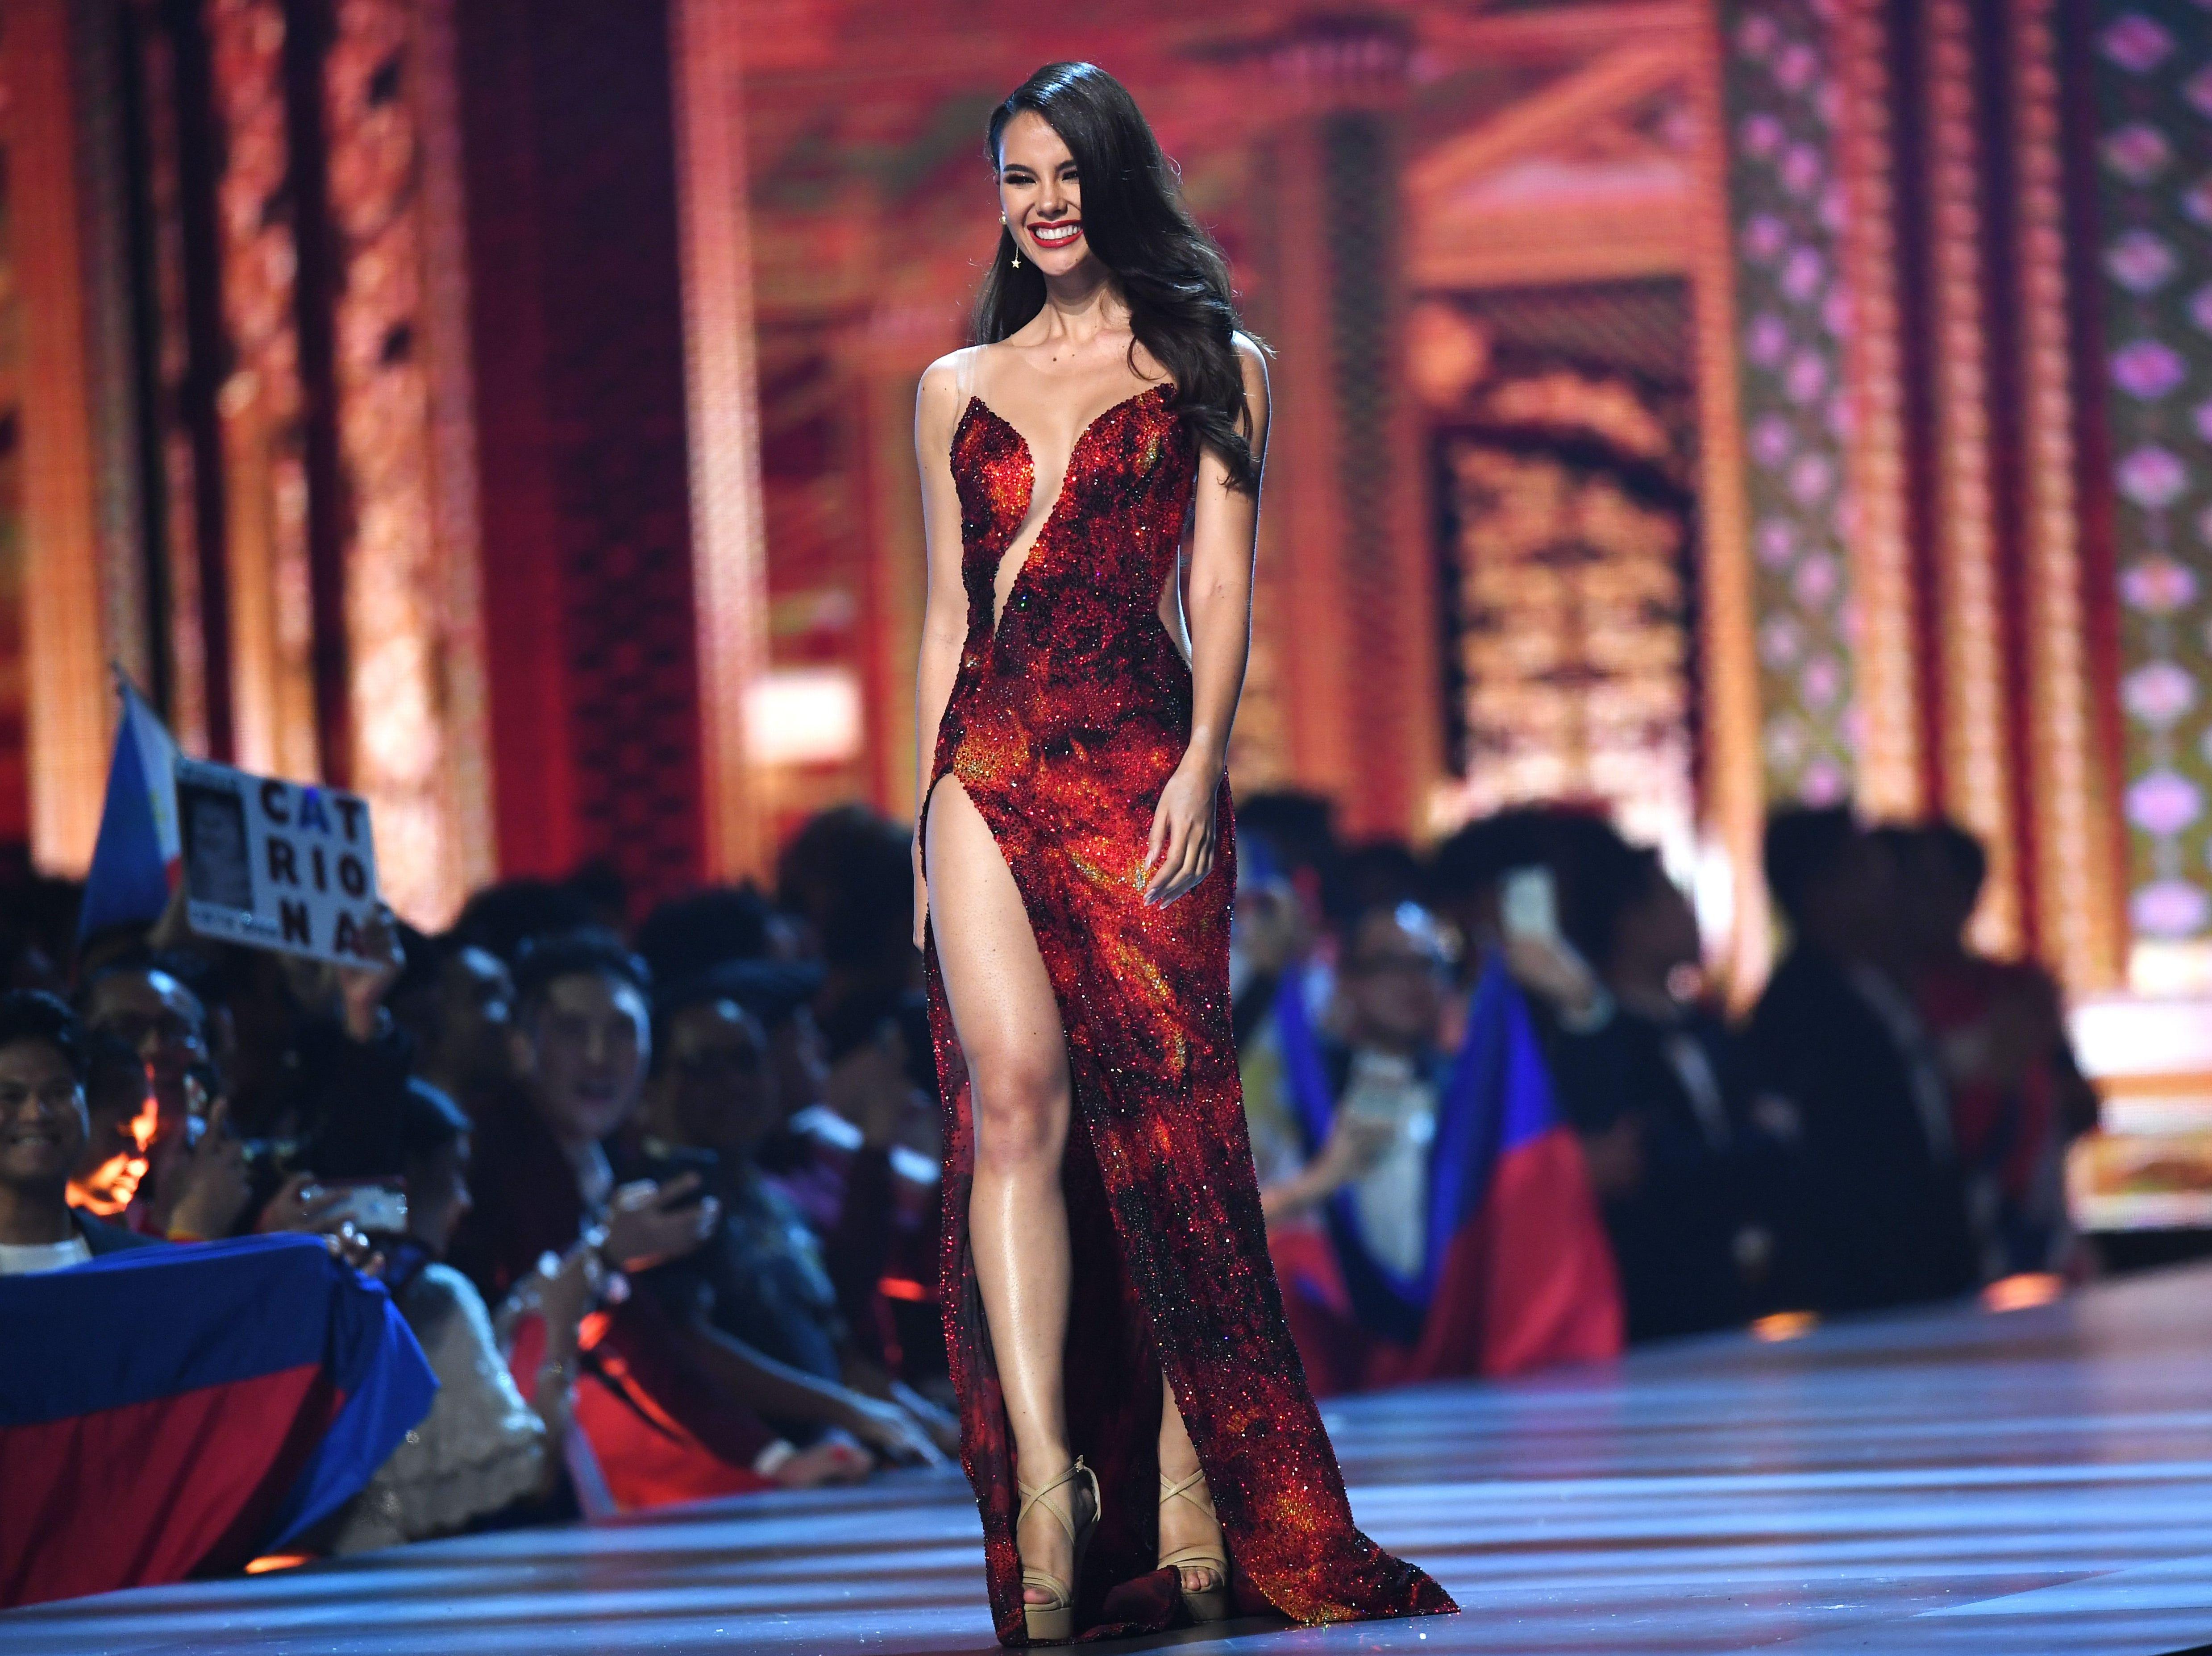 Catriona Gray de Filipinas en la pasarela luego de ser seleccionada como las 10 mejores finalistas durante el concurso Miss Universo 2018 en Bangkok el 17 de diciembre de 2018.